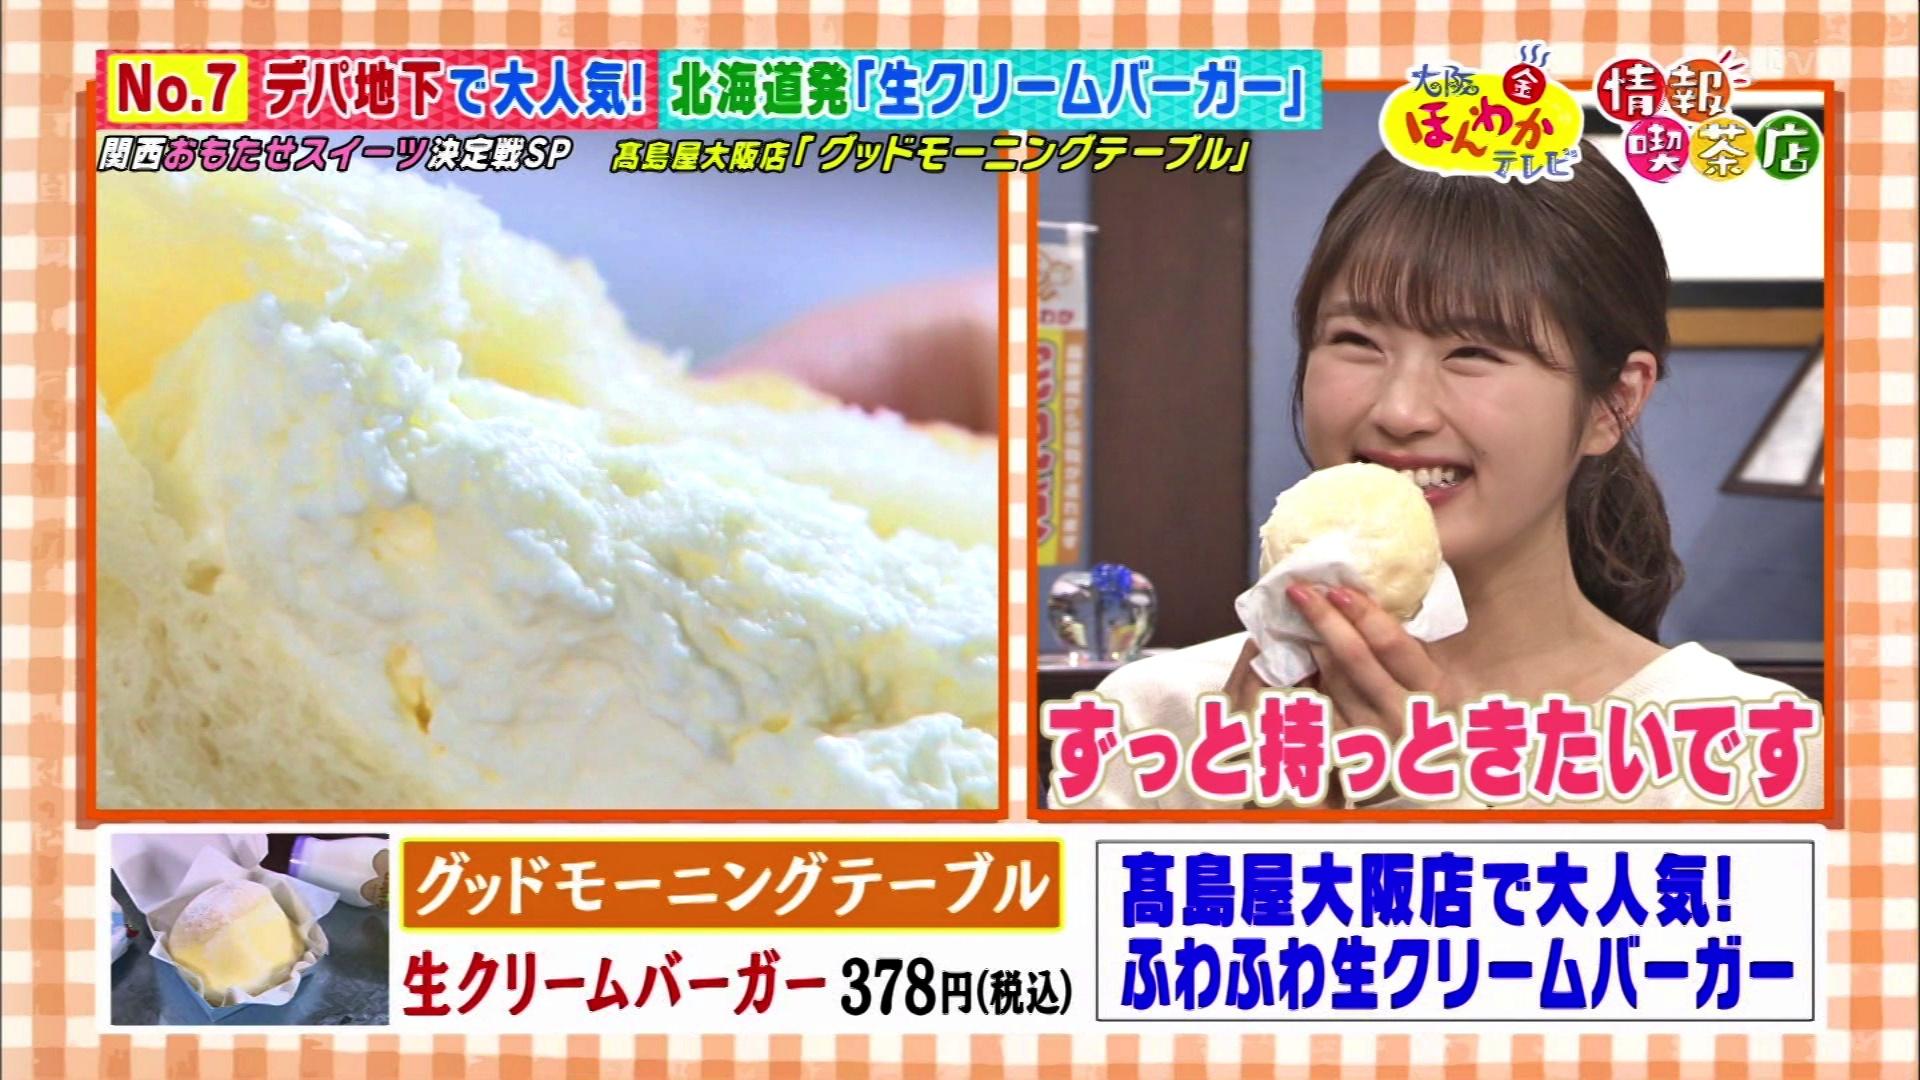 【渋谷凪咲/福本愛菜】3/8大阪ほんわかテレビキャプ画像。関西おもたせスイーツNo.1決定戦など。